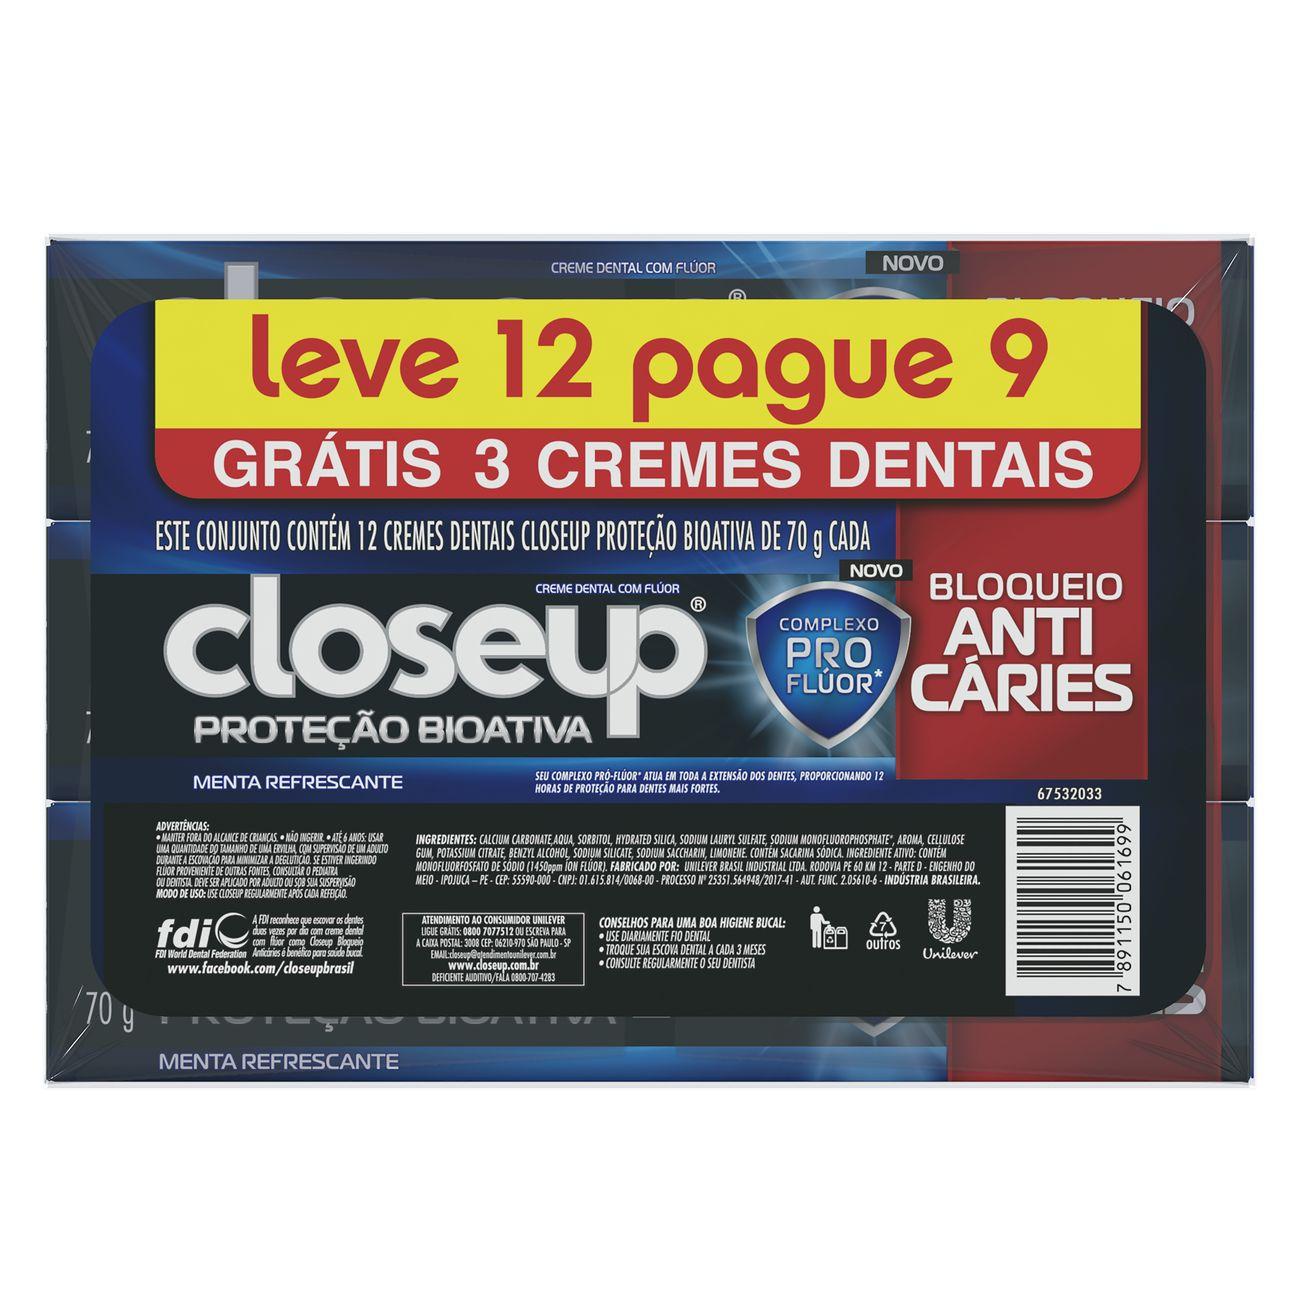 Oferta Creme Dental CloseUp Proteção Bioativa Anticarie 70g Leve 12 Pague 9